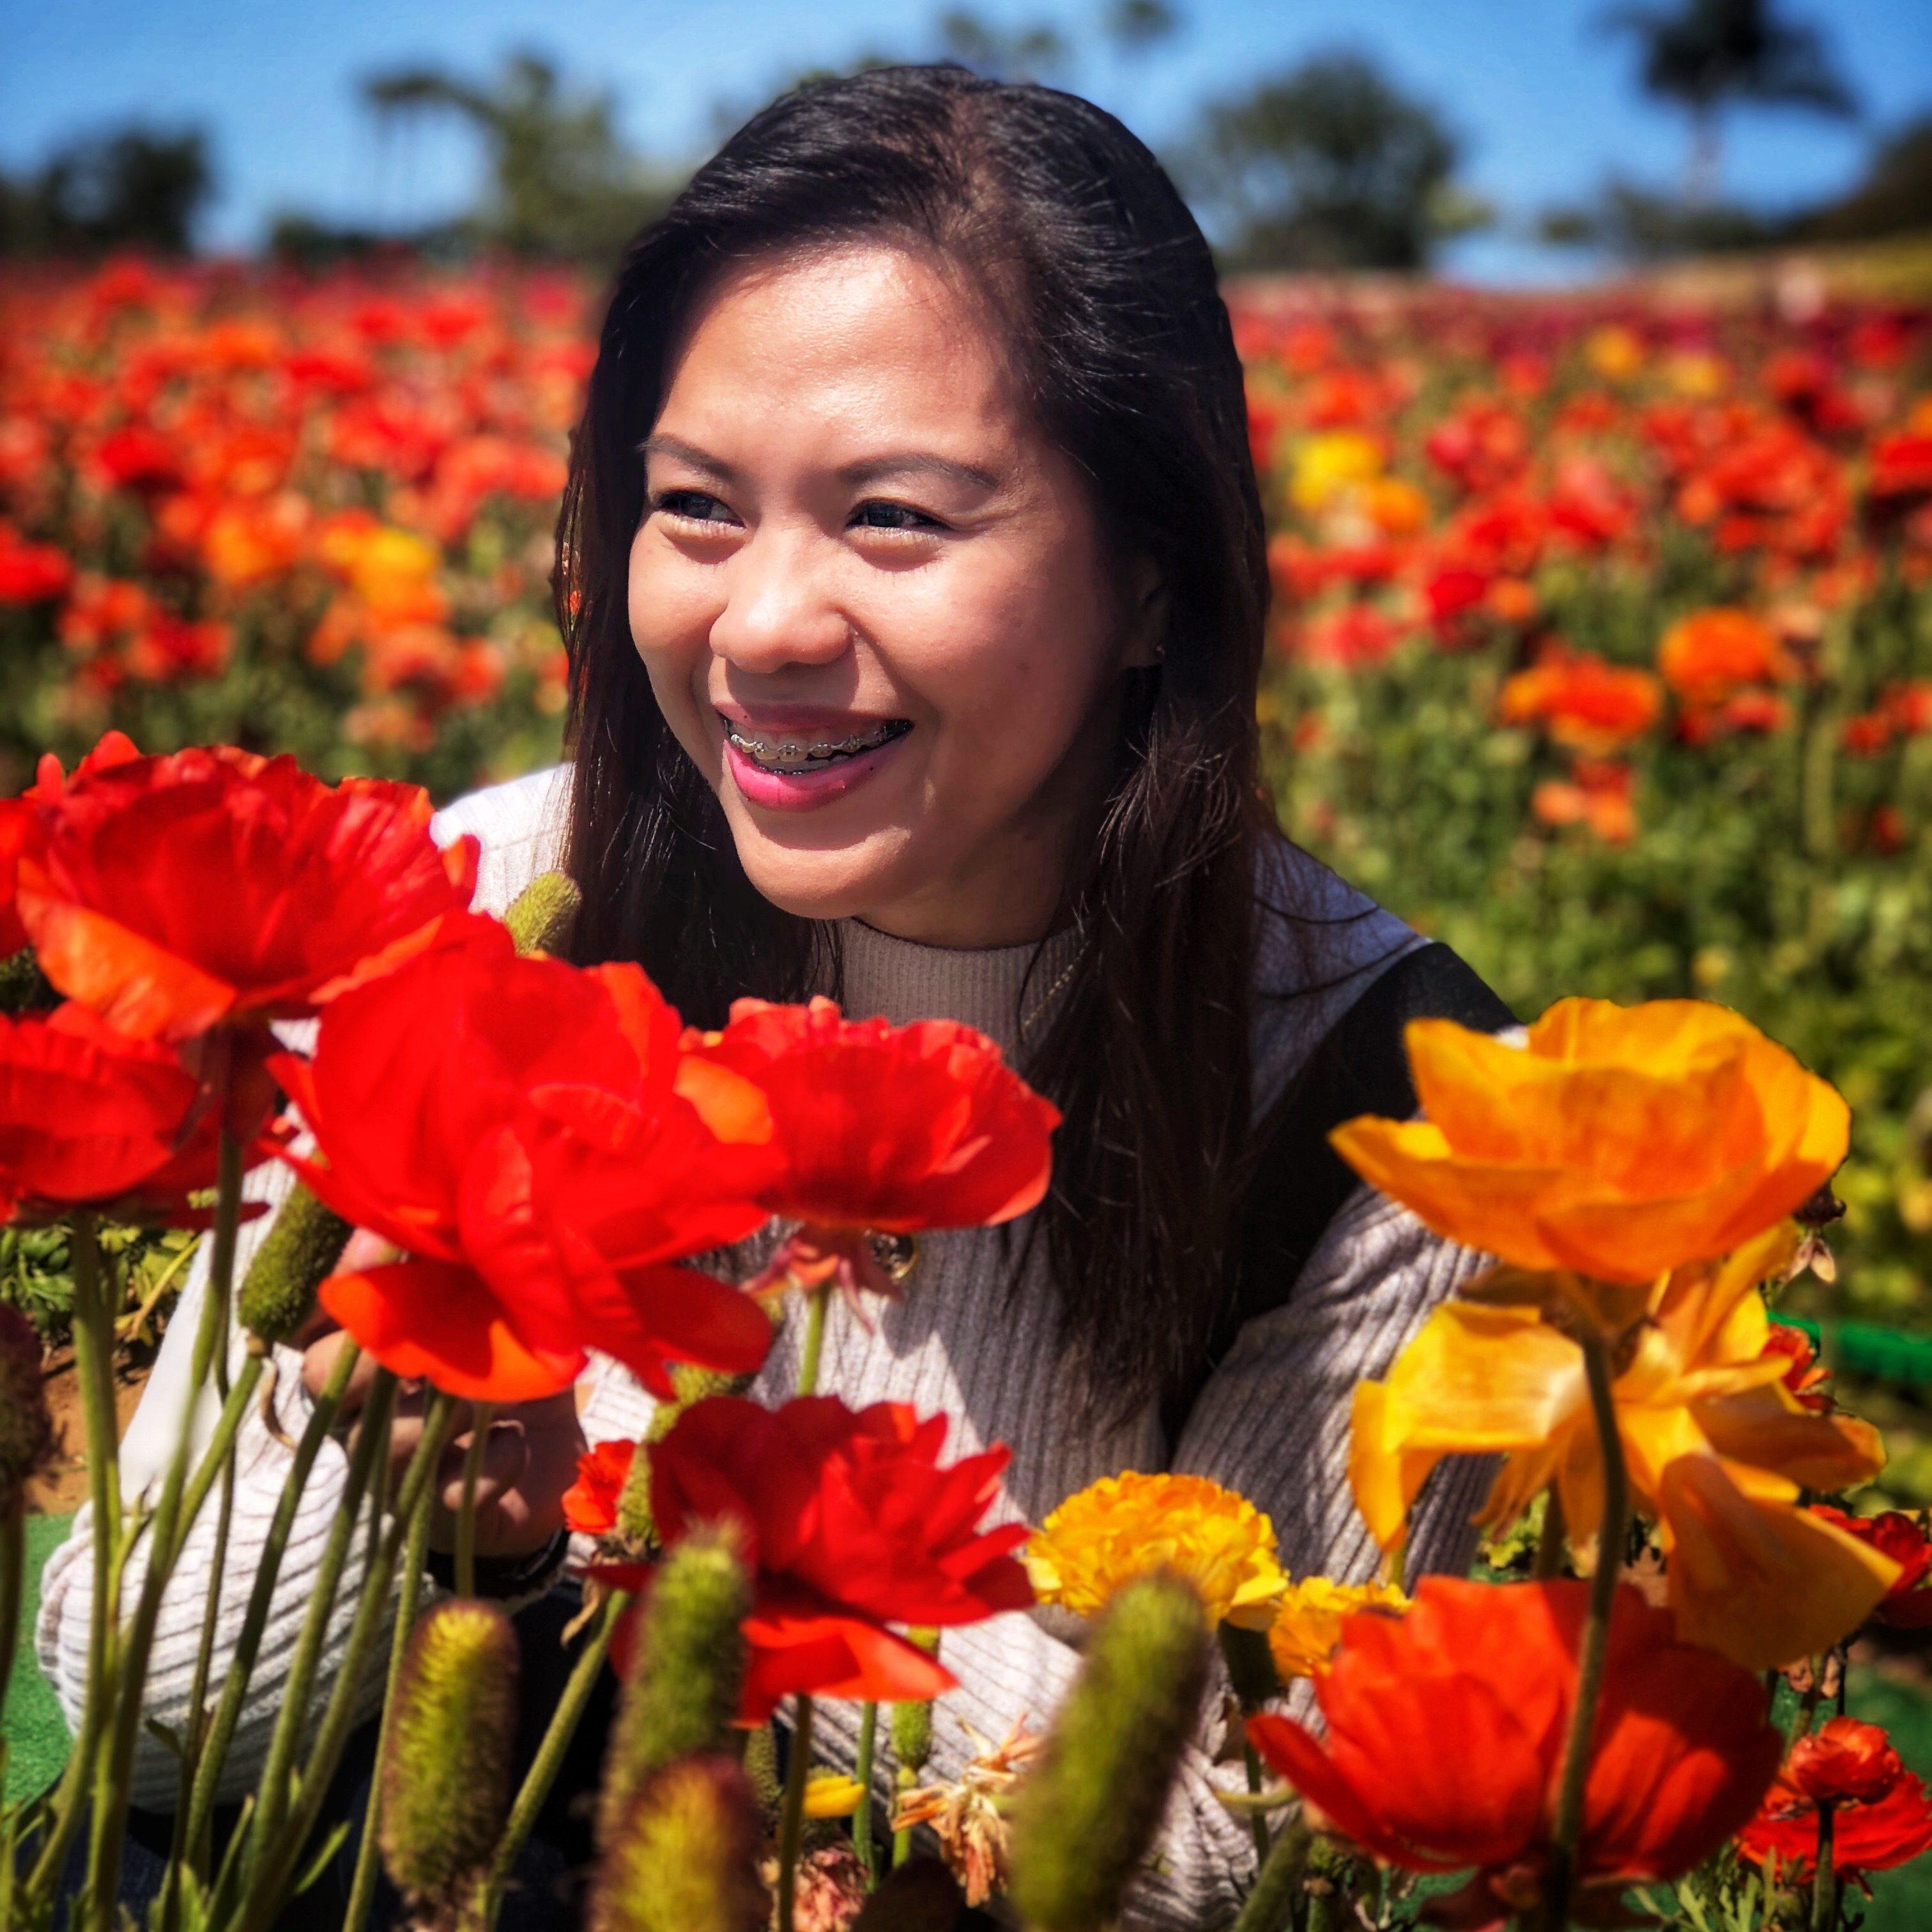 karren flowers